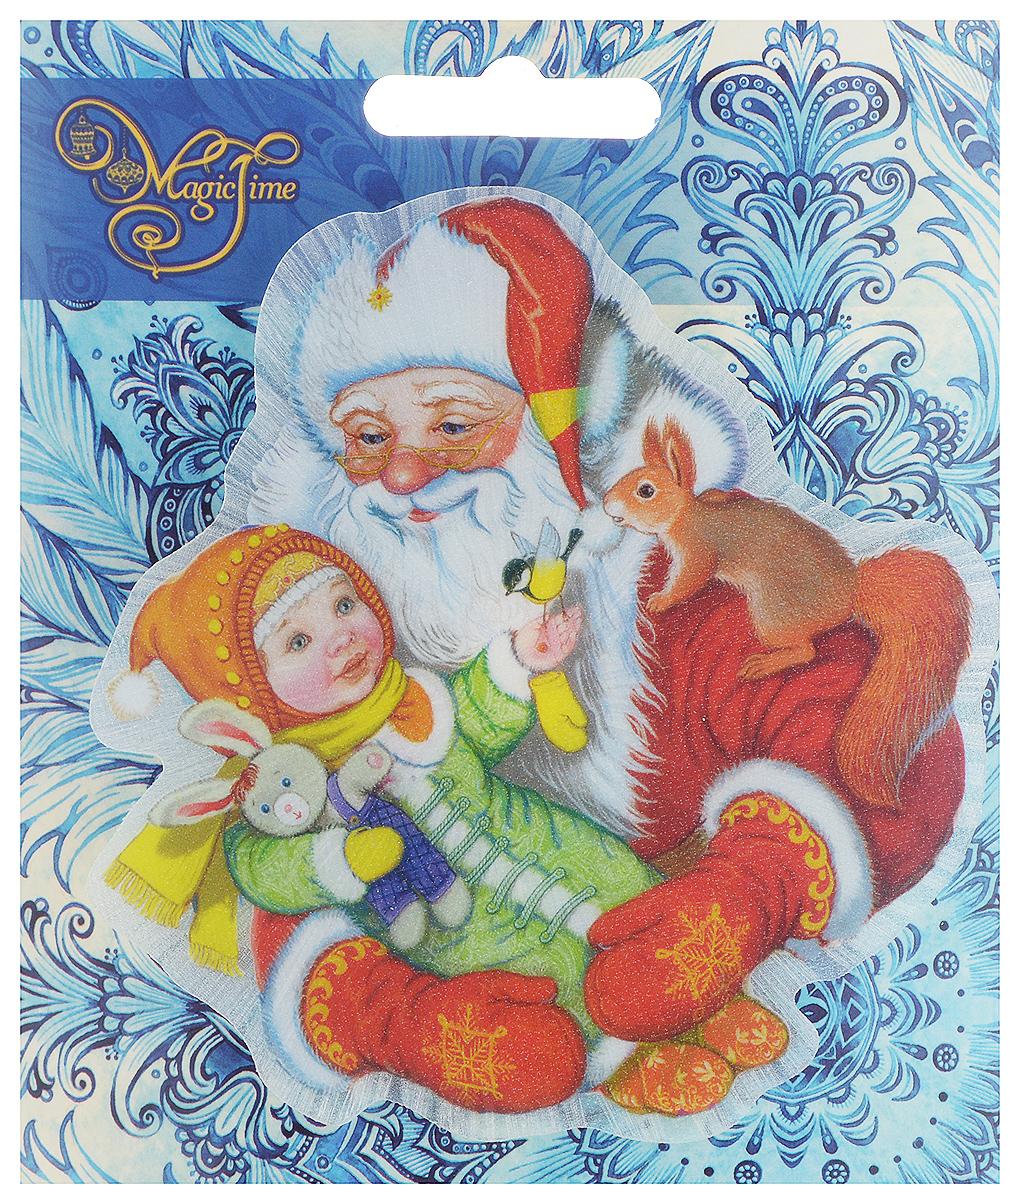 Украшение новогоднее Magic Time Дедушка Мороз с девочкой, со светодиодной подсветкой, 11,5 x 11 x 3 см. 42207 украшение новогоднее оконное magic time дед мороз на тройке 54 х 21 см